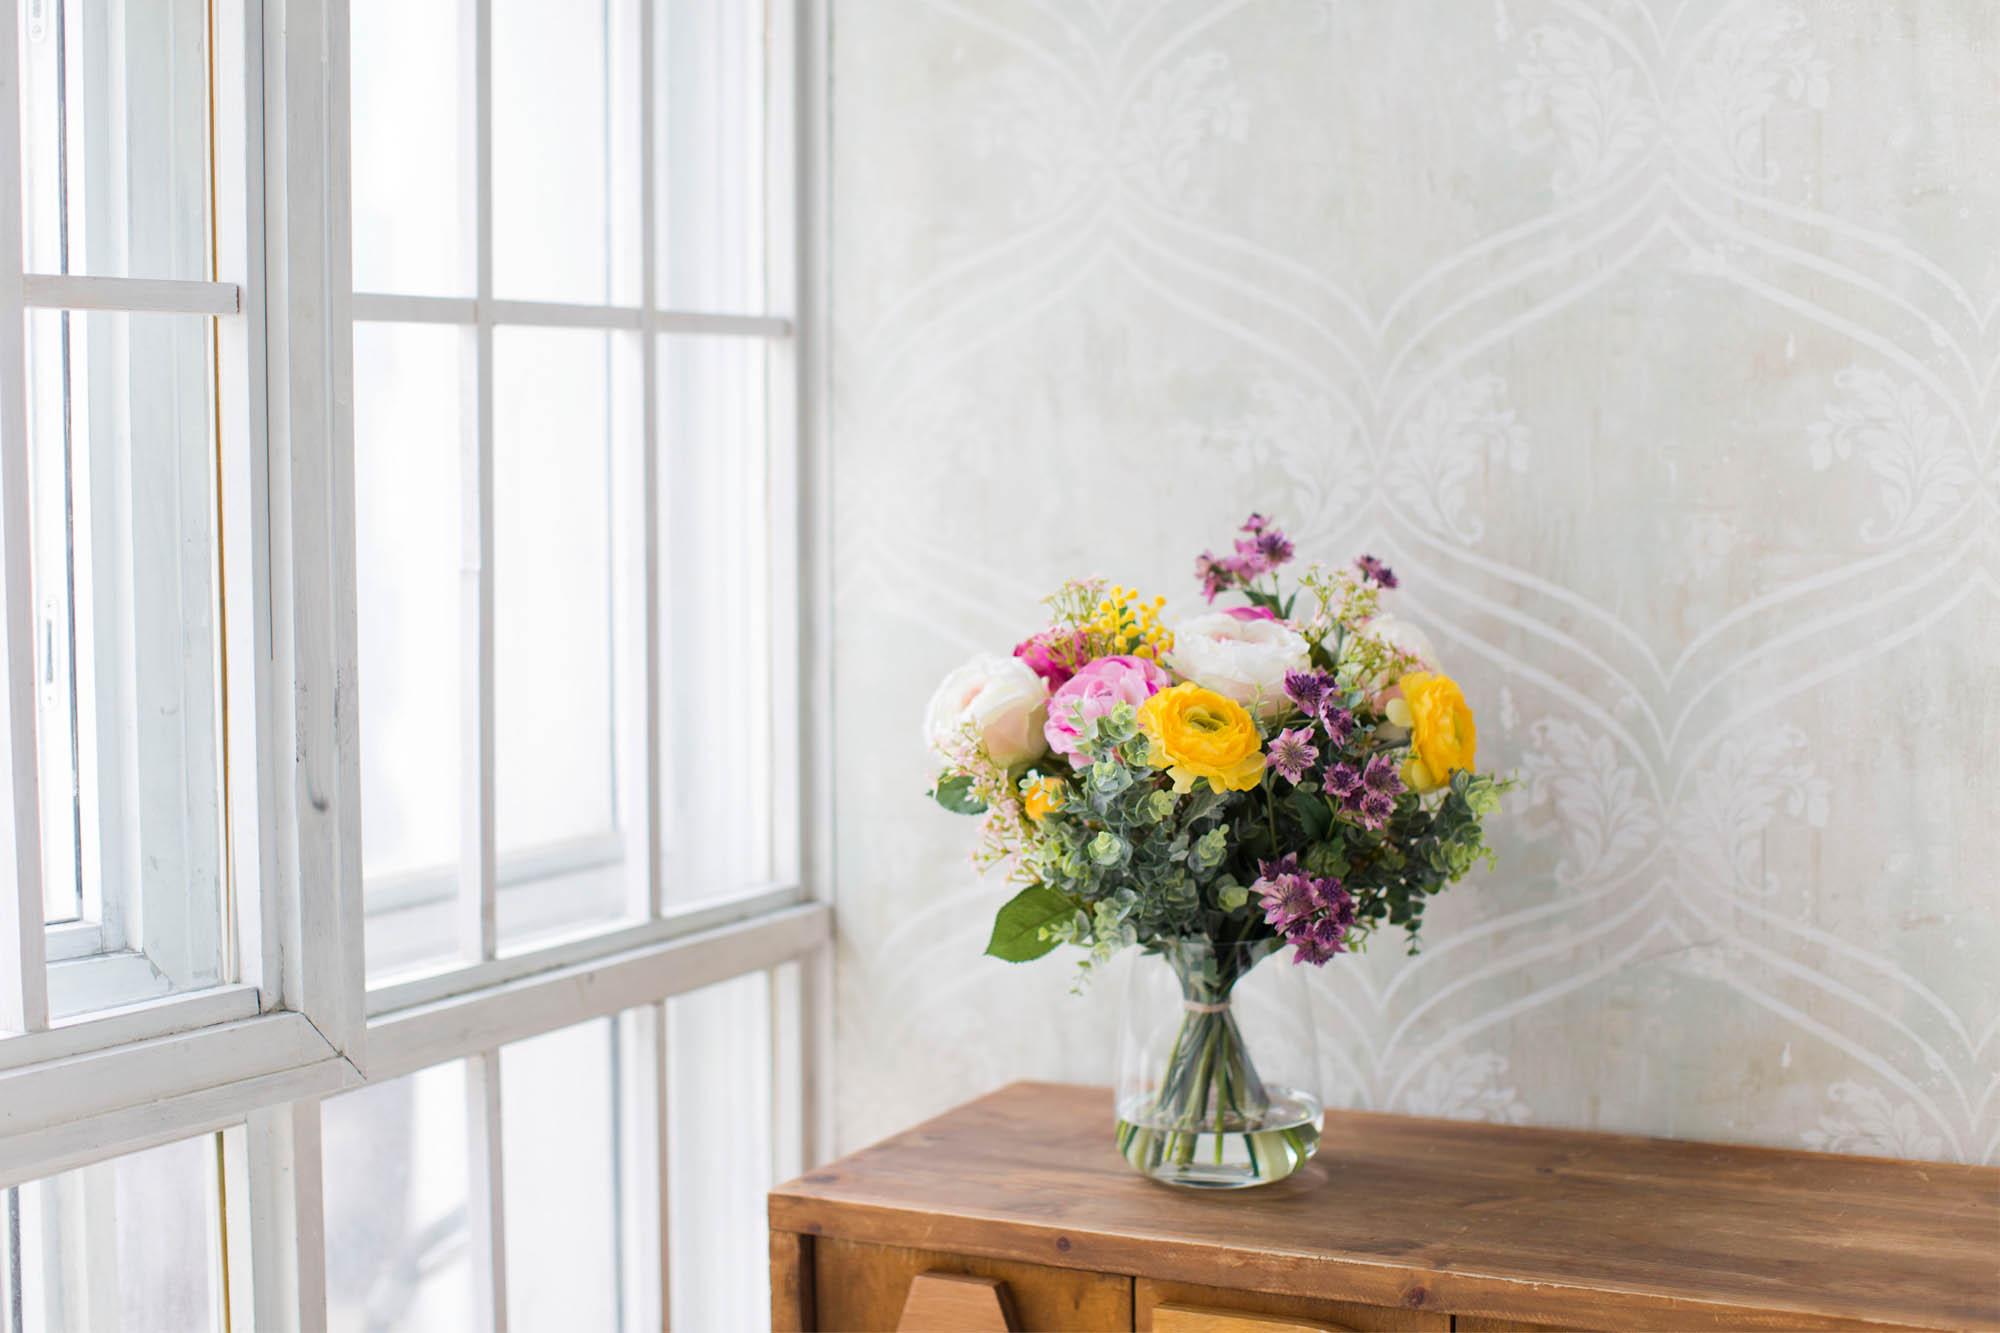 Купить Композиция из искусственных цветов - ранункулюсы, розы, астранция, альстромерия и мимоза, inmyroom, Россия